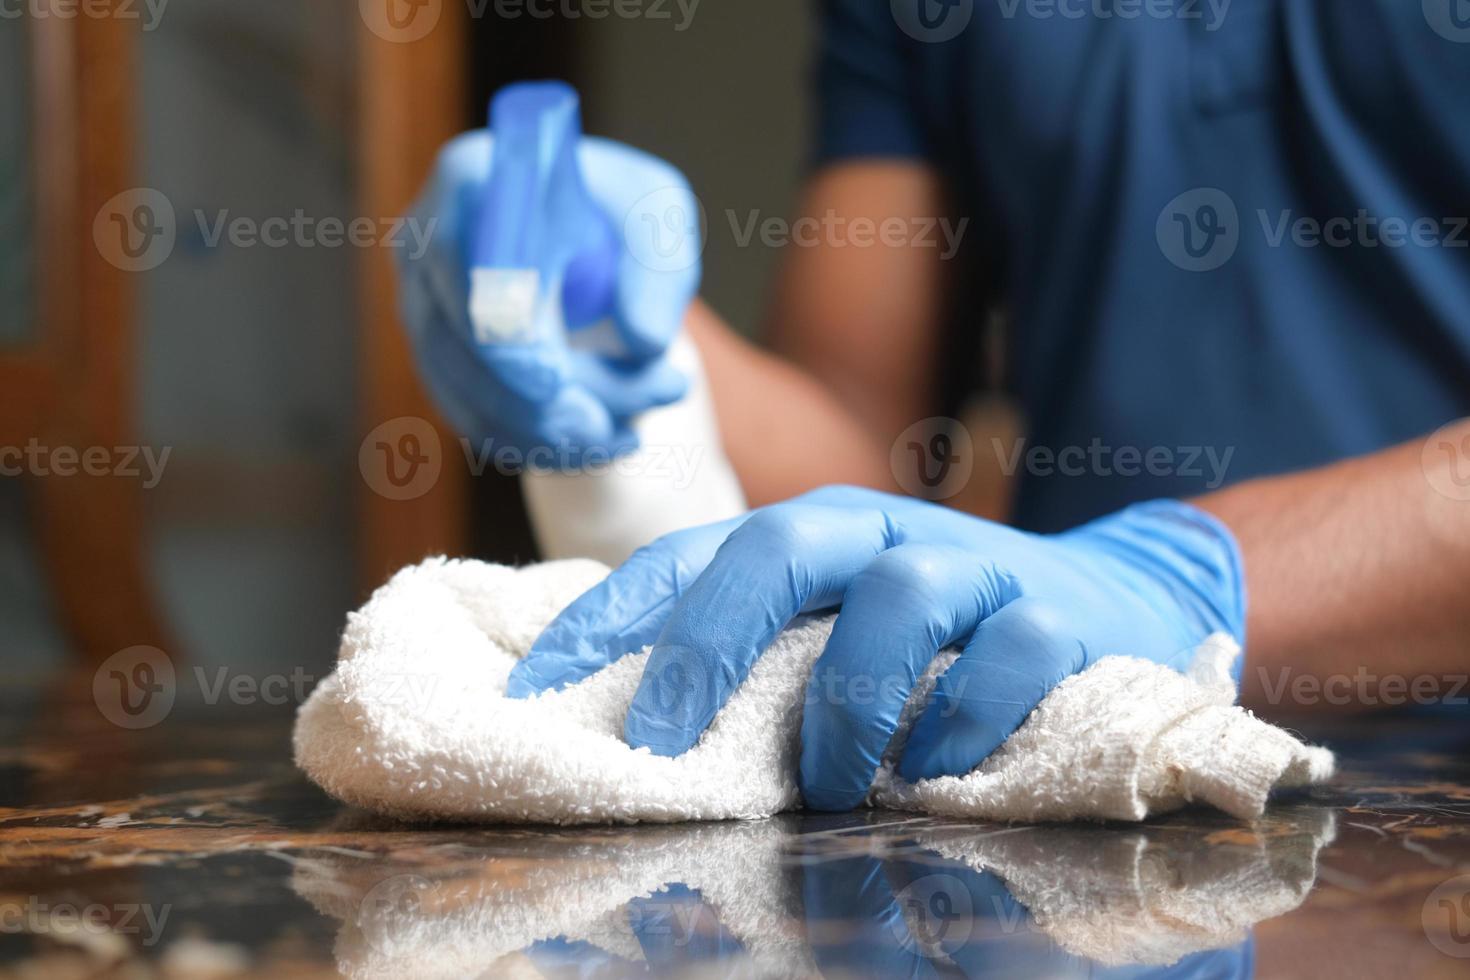 Geben Sie blaue Gummihandschuhe in die Hand, halten Sie die Sprühflasche und reinigen Sie einen Tisch foto